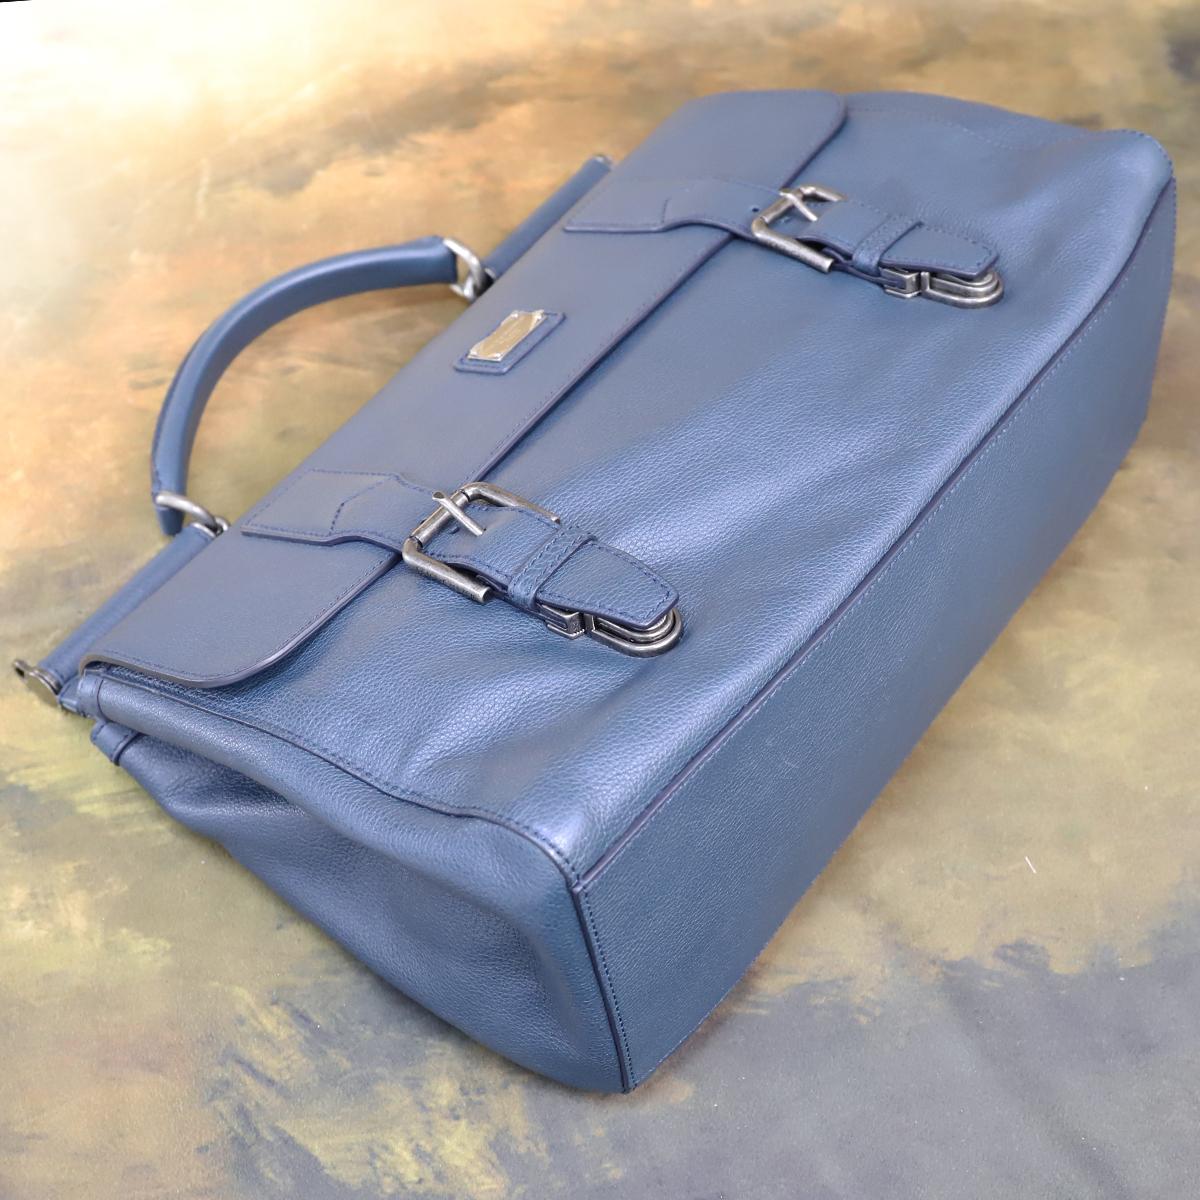 本物 新品 ドルガバ 極希少 メンズ シシリー レザービジネスバッグ 斜め掛け2WAYブリーフケース A4書類トートバッグ DOLCE&GABBANA_画像4